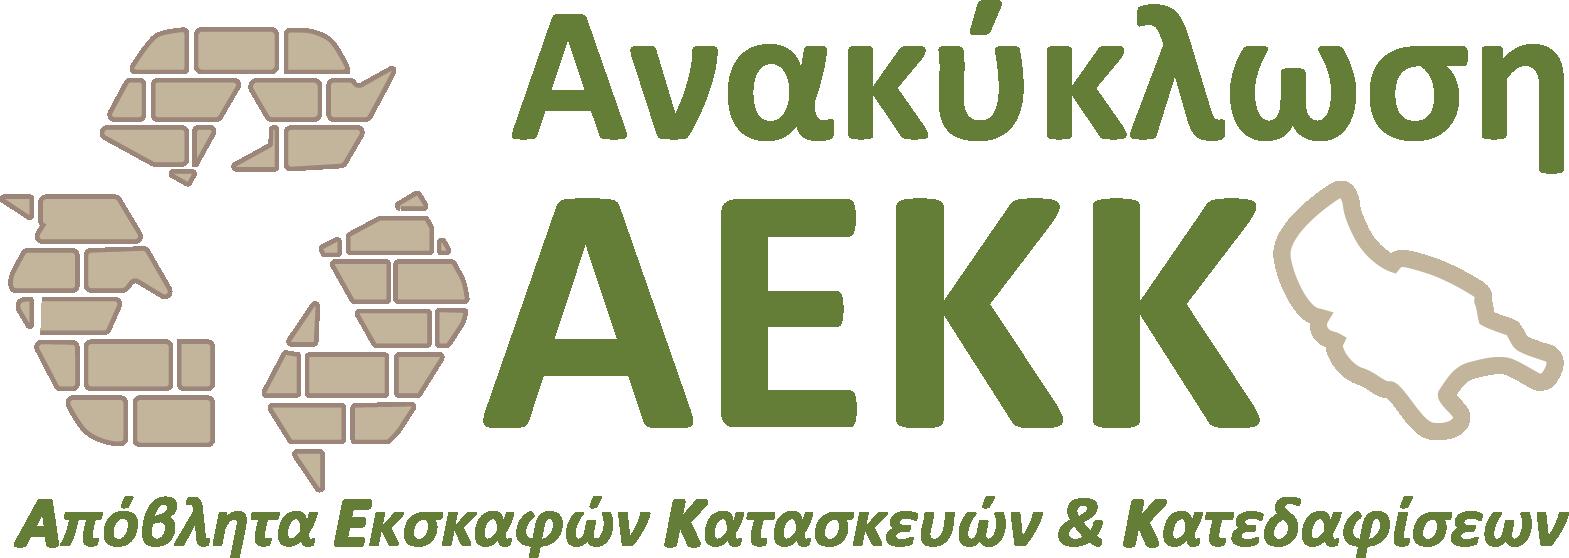 Ανακύκλωση ΑΕΚΚ Ζακύνθου | Anazak